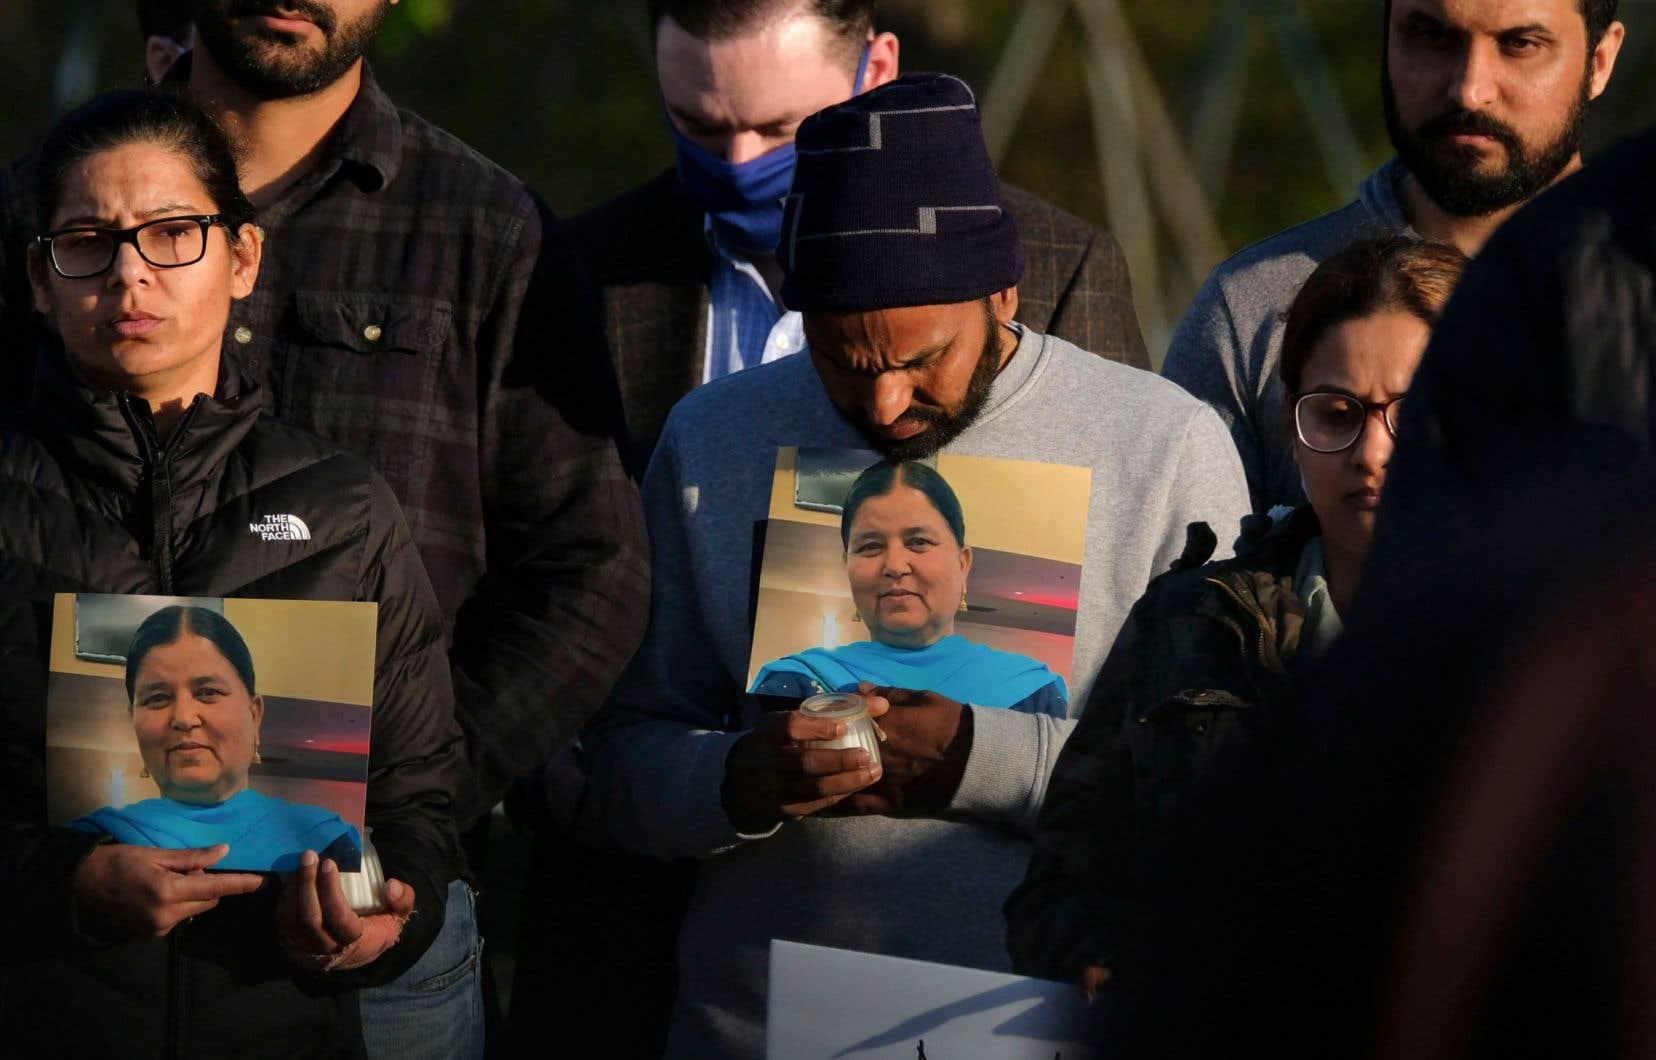 Des membres de la famille tiennent une photo de leur être cher lors d'une veillée aux chandelles à Krannert Park à Indianapolis, samedi soir dernier, en souvenir des victimes d'une fusillade de masse dans un établissement de la compagnie FedEx.